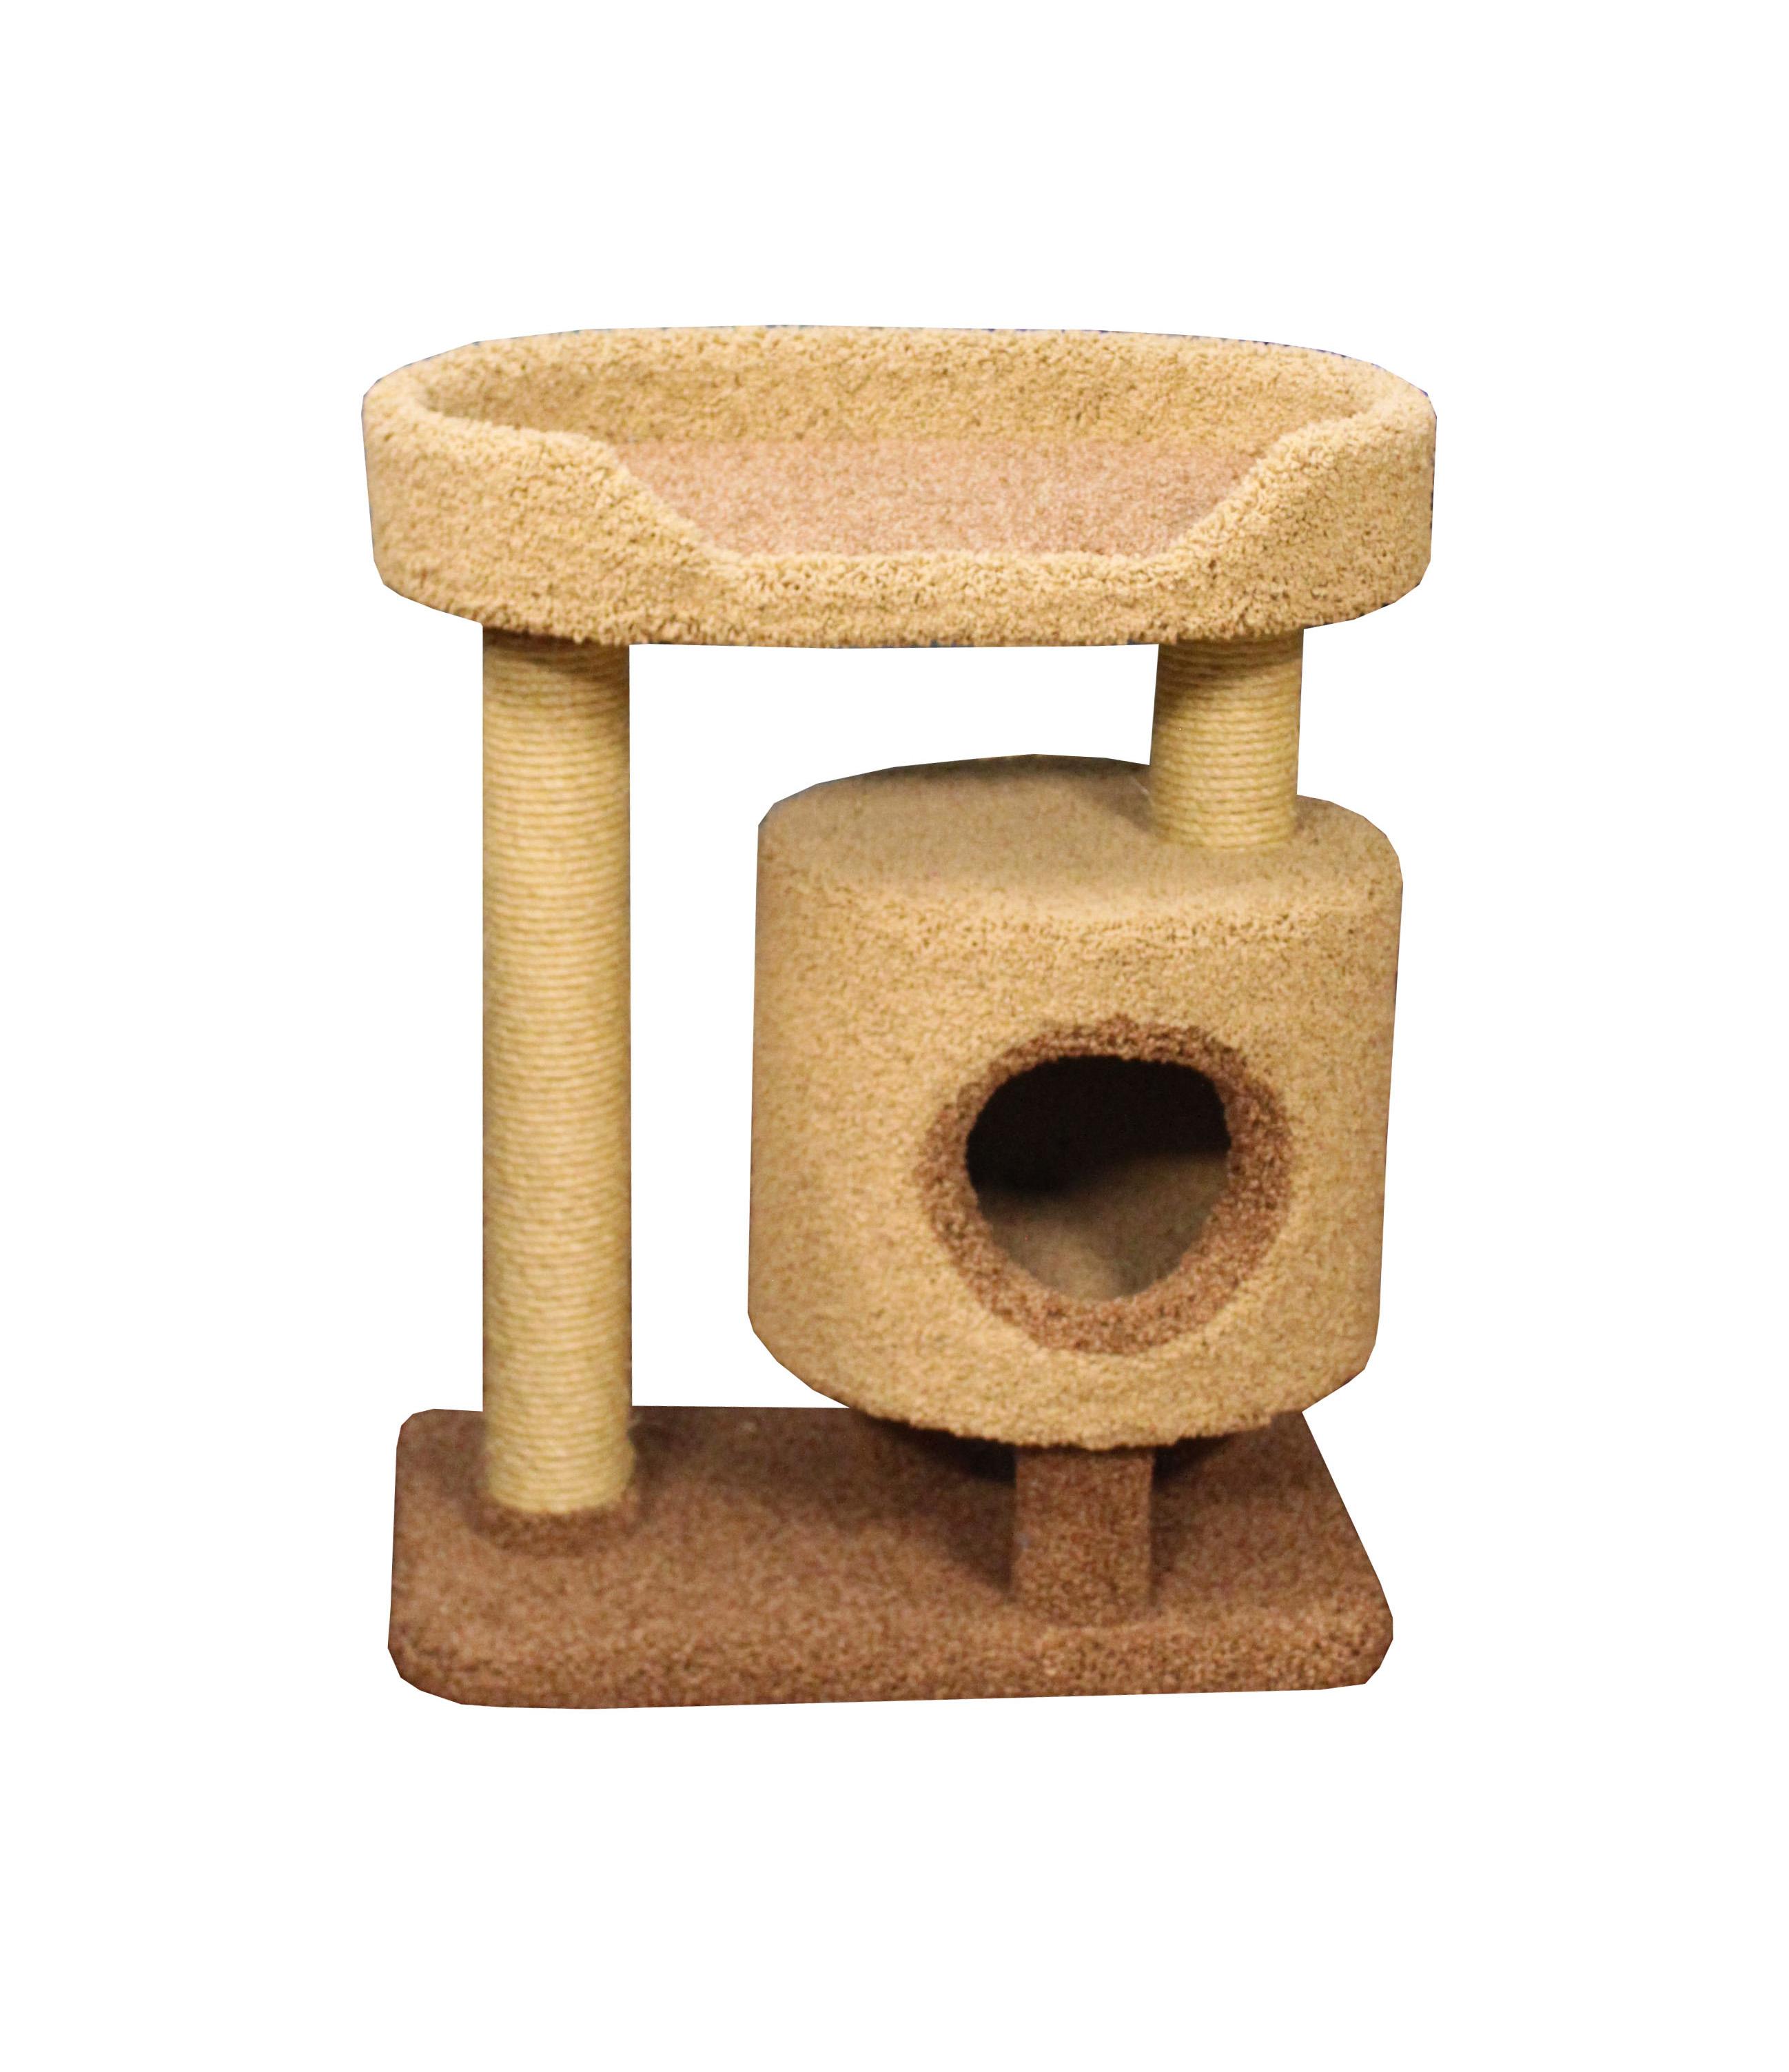 Игровые комплексы для кошек (61 фото): настенные модели, большие комплексы для котов крупных пород, модульные угловые варианты из дерева